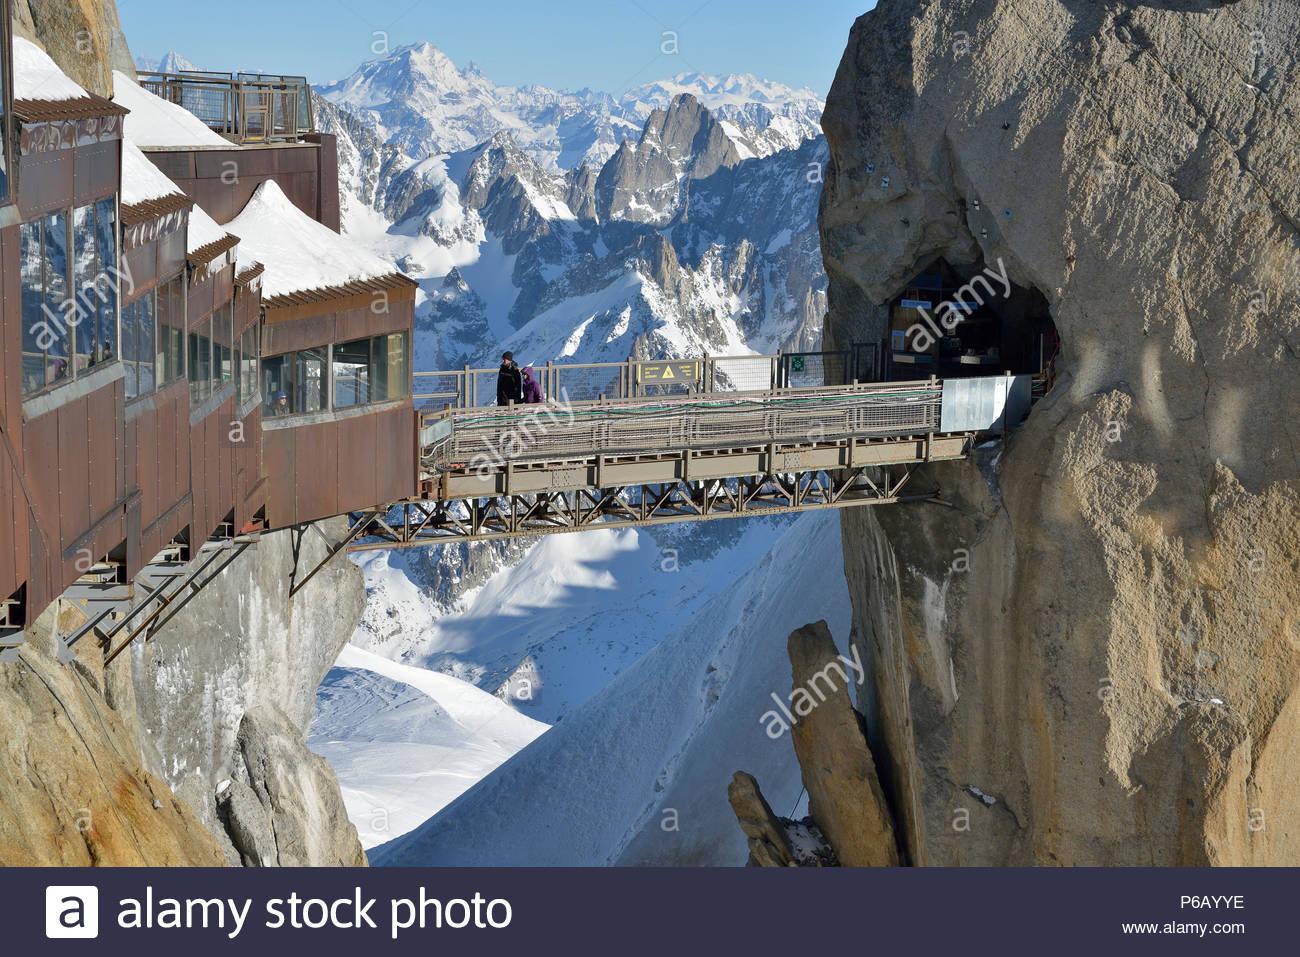 France, Auvergne-Rhone-Alpes, Haute-Savoie, Chamonix, Aiguille du Midi (3848m), Mont-Blanc range - Stock Image